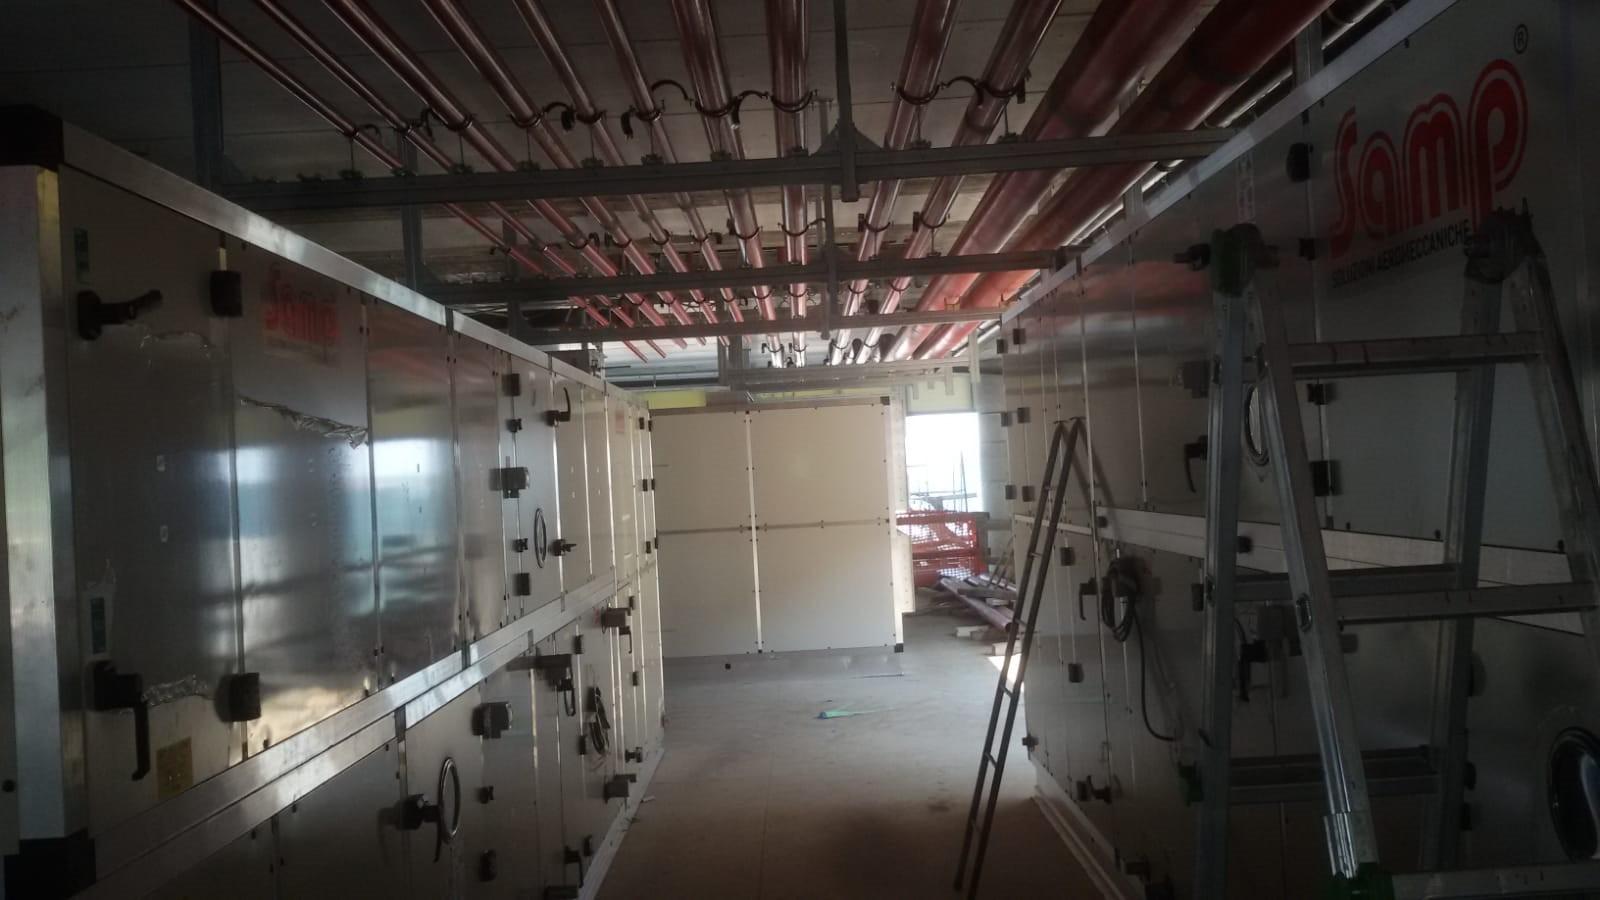 Lavori eseguiti per il nuovo ospedale Alba-Bra a Verduno